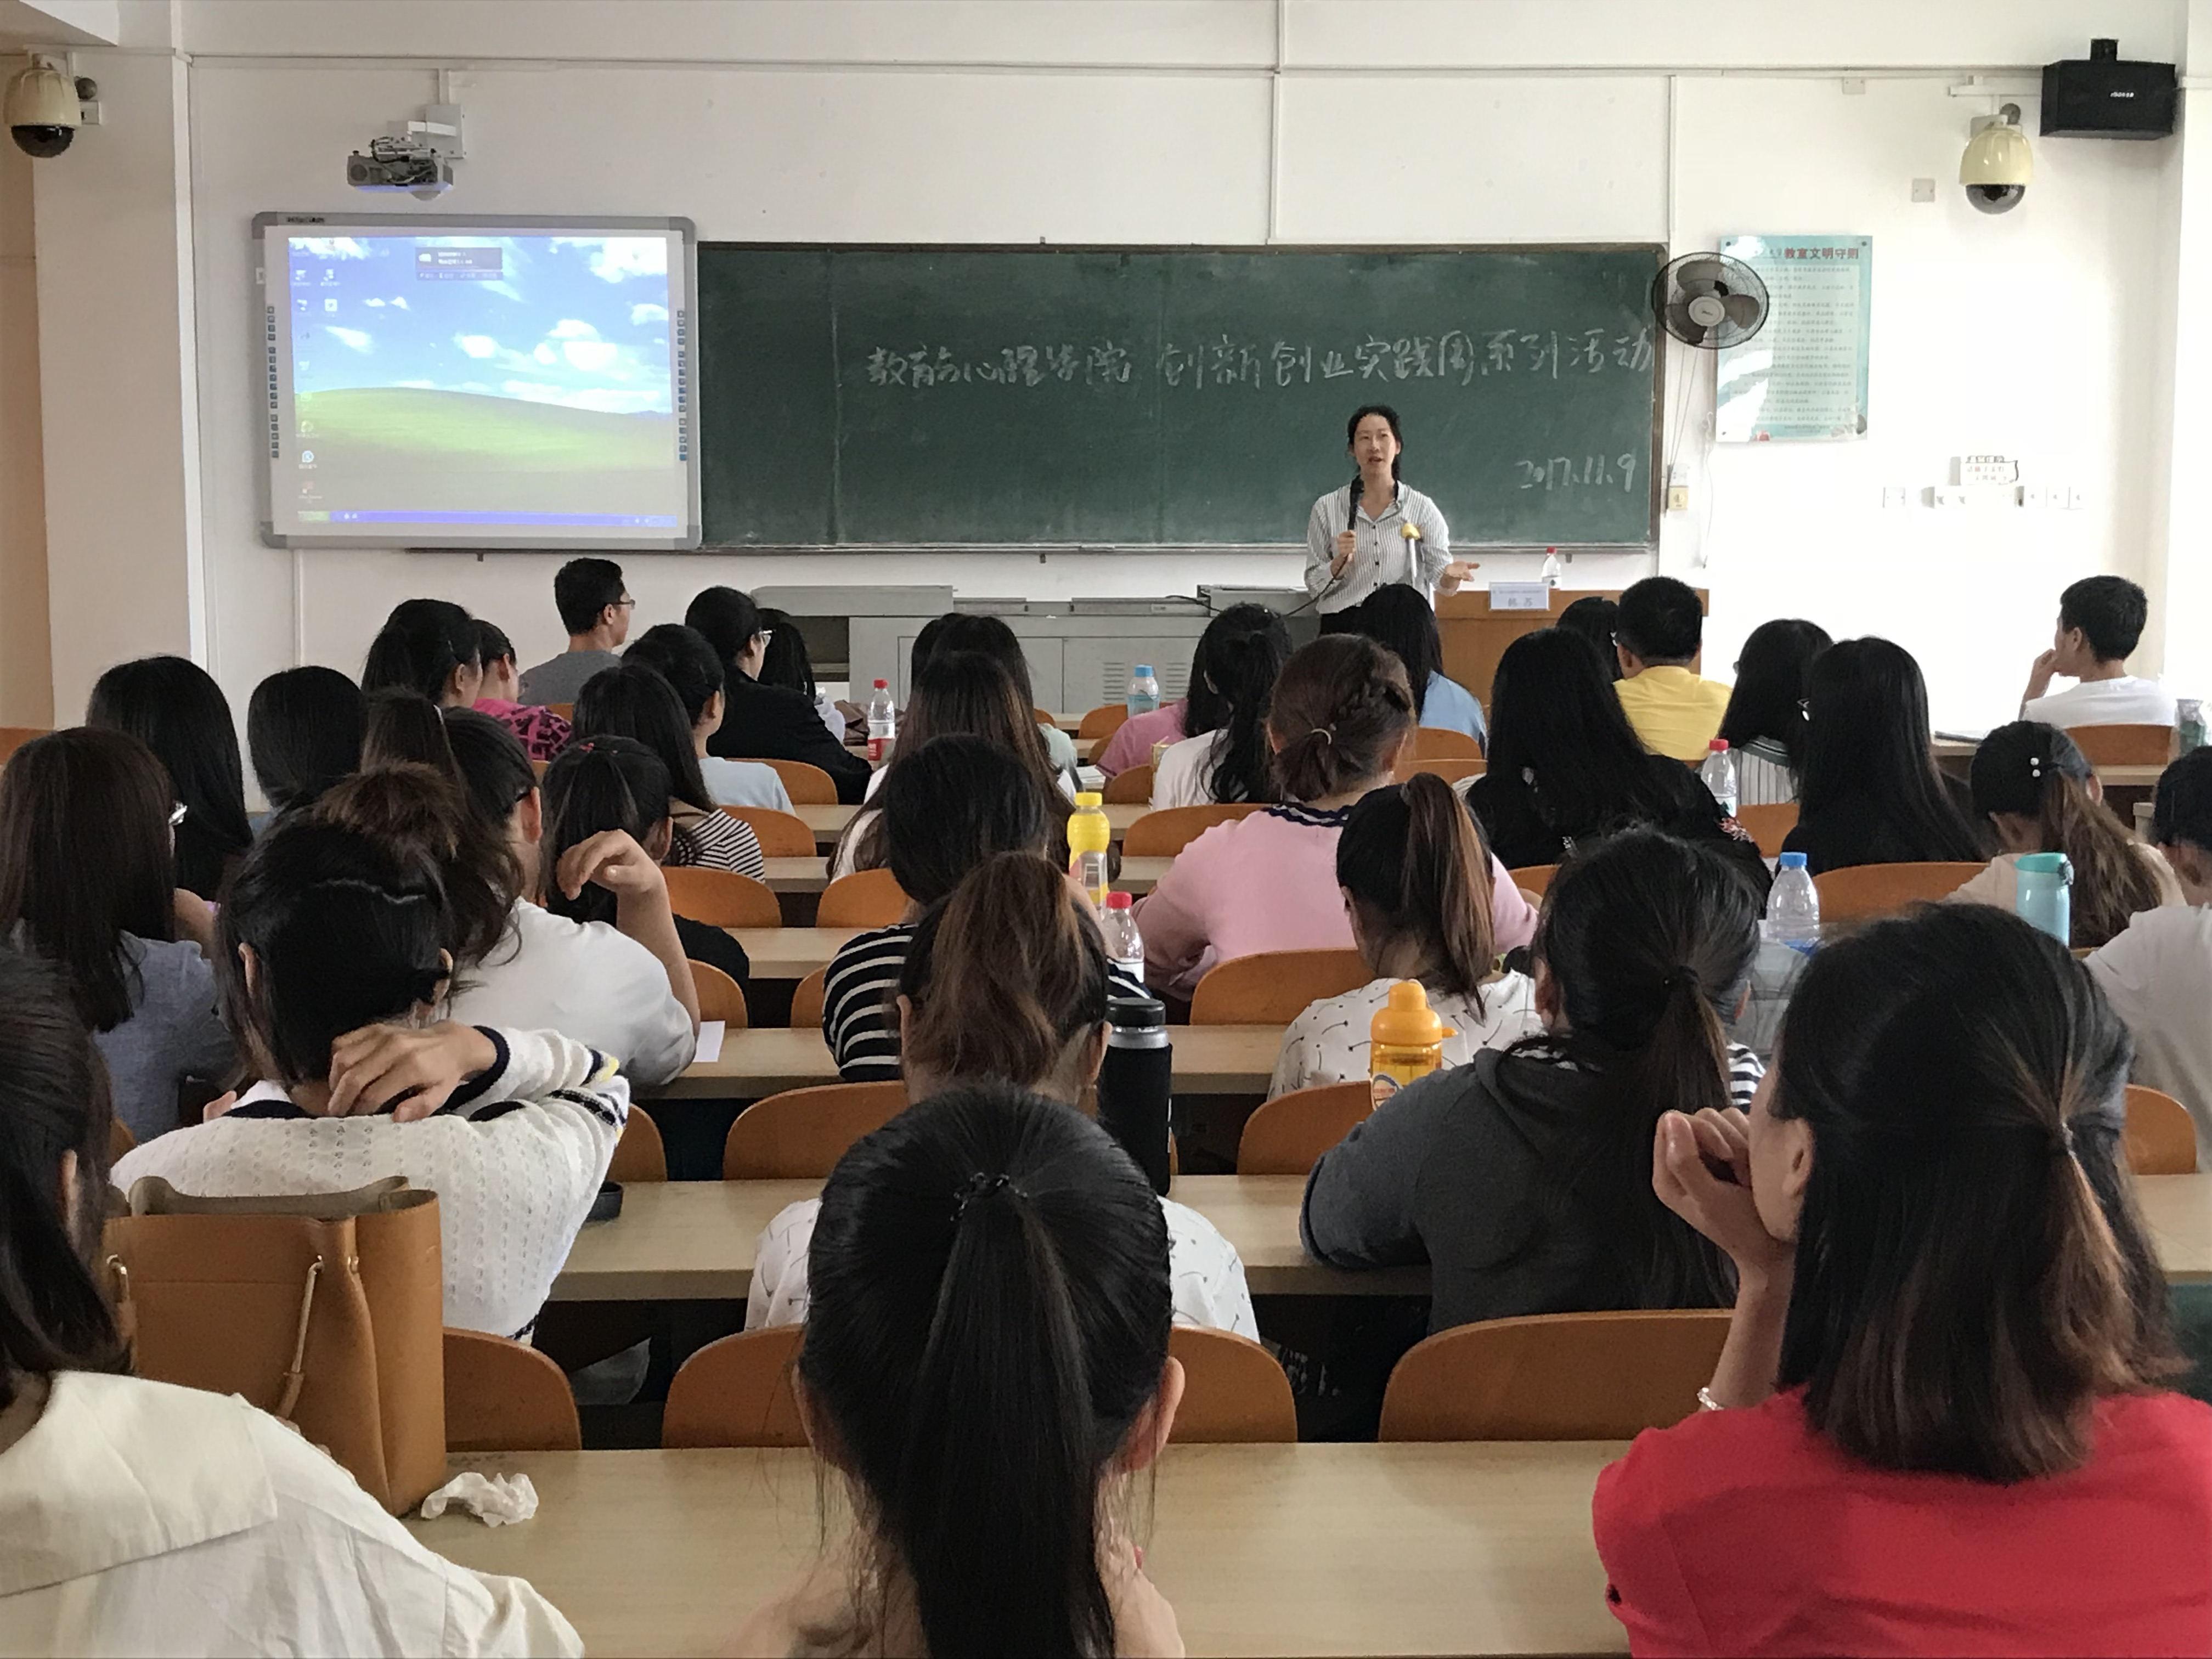 青年之声·教育与心理学院创新创业实践周系列讲座之特殊教育教师的专业成长